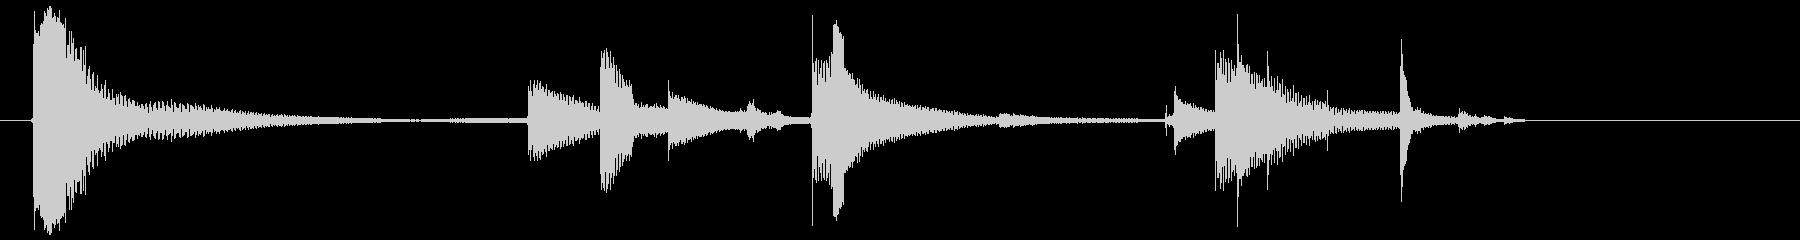 セラミックタイル:インパクトとブレ...の未再生の波形